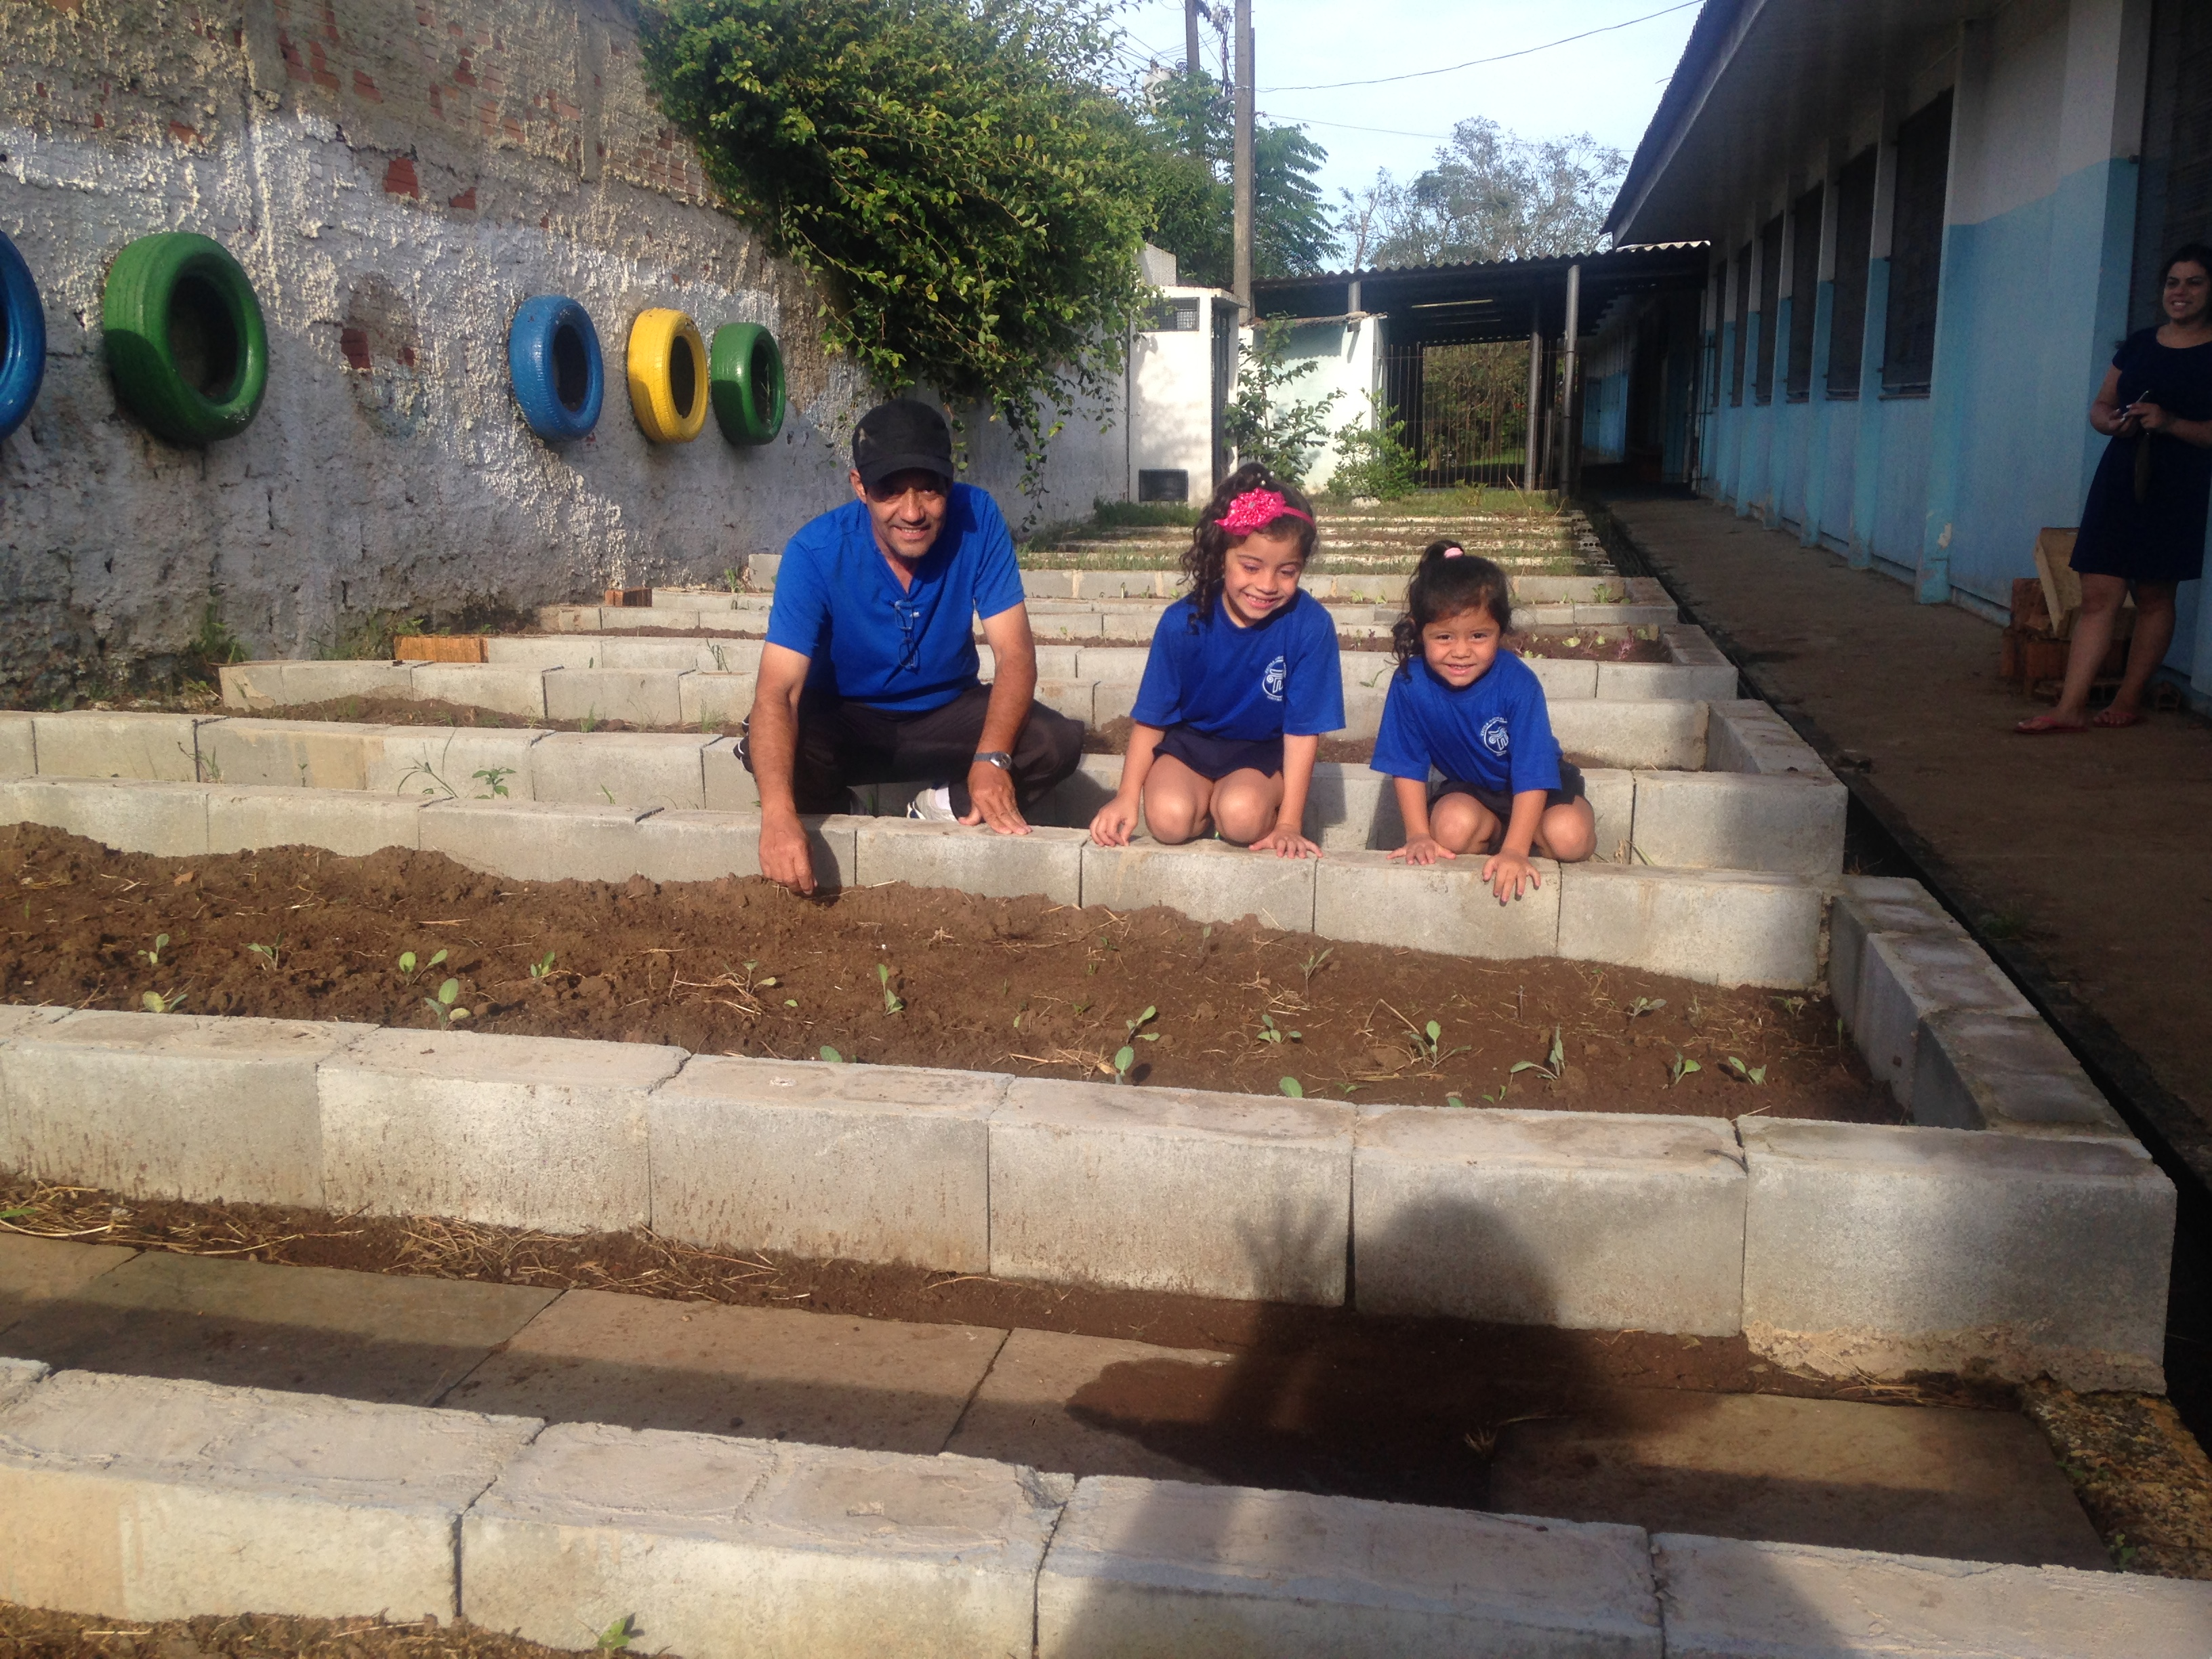 Horta - Escola/comunidade